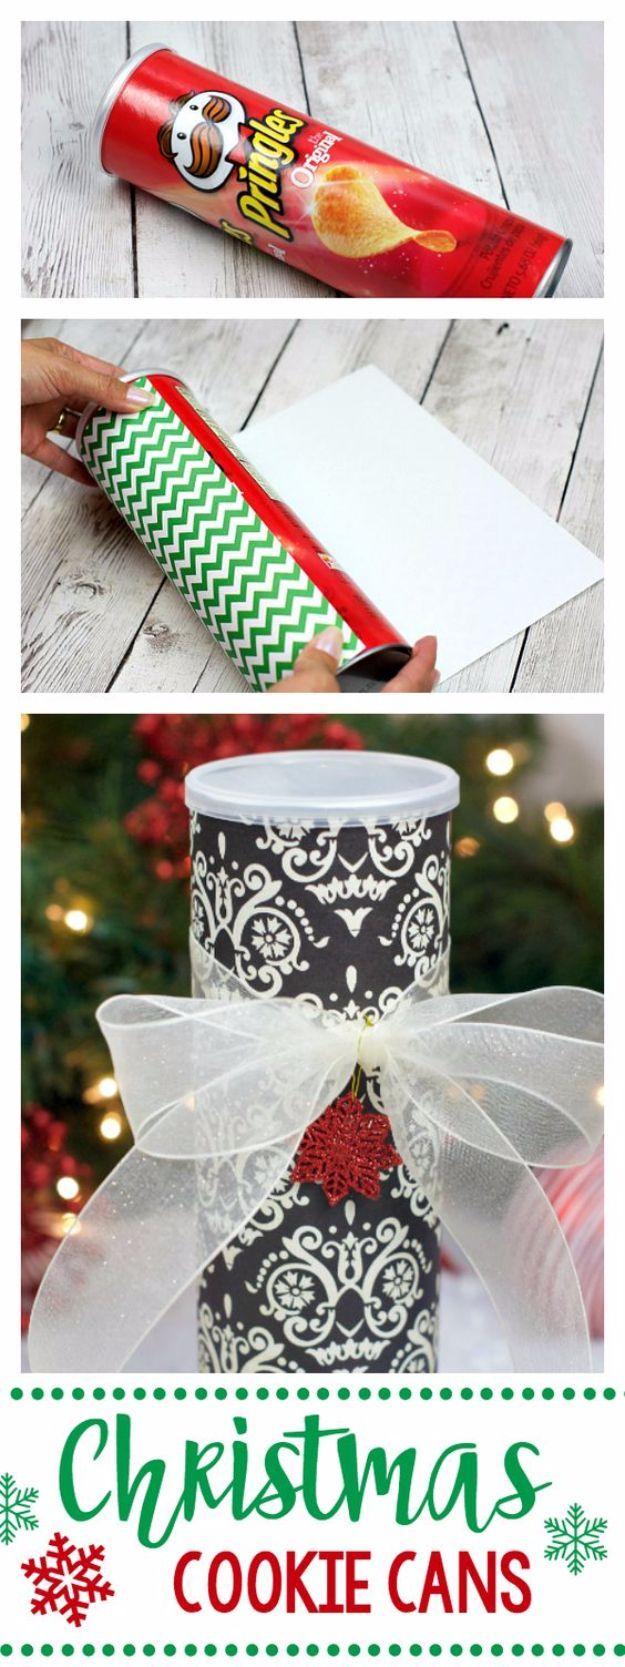 Beste DIY-Ideen für den Winter – Weihnachtsplätzchen Dosen – Winter Crafts with Snowf